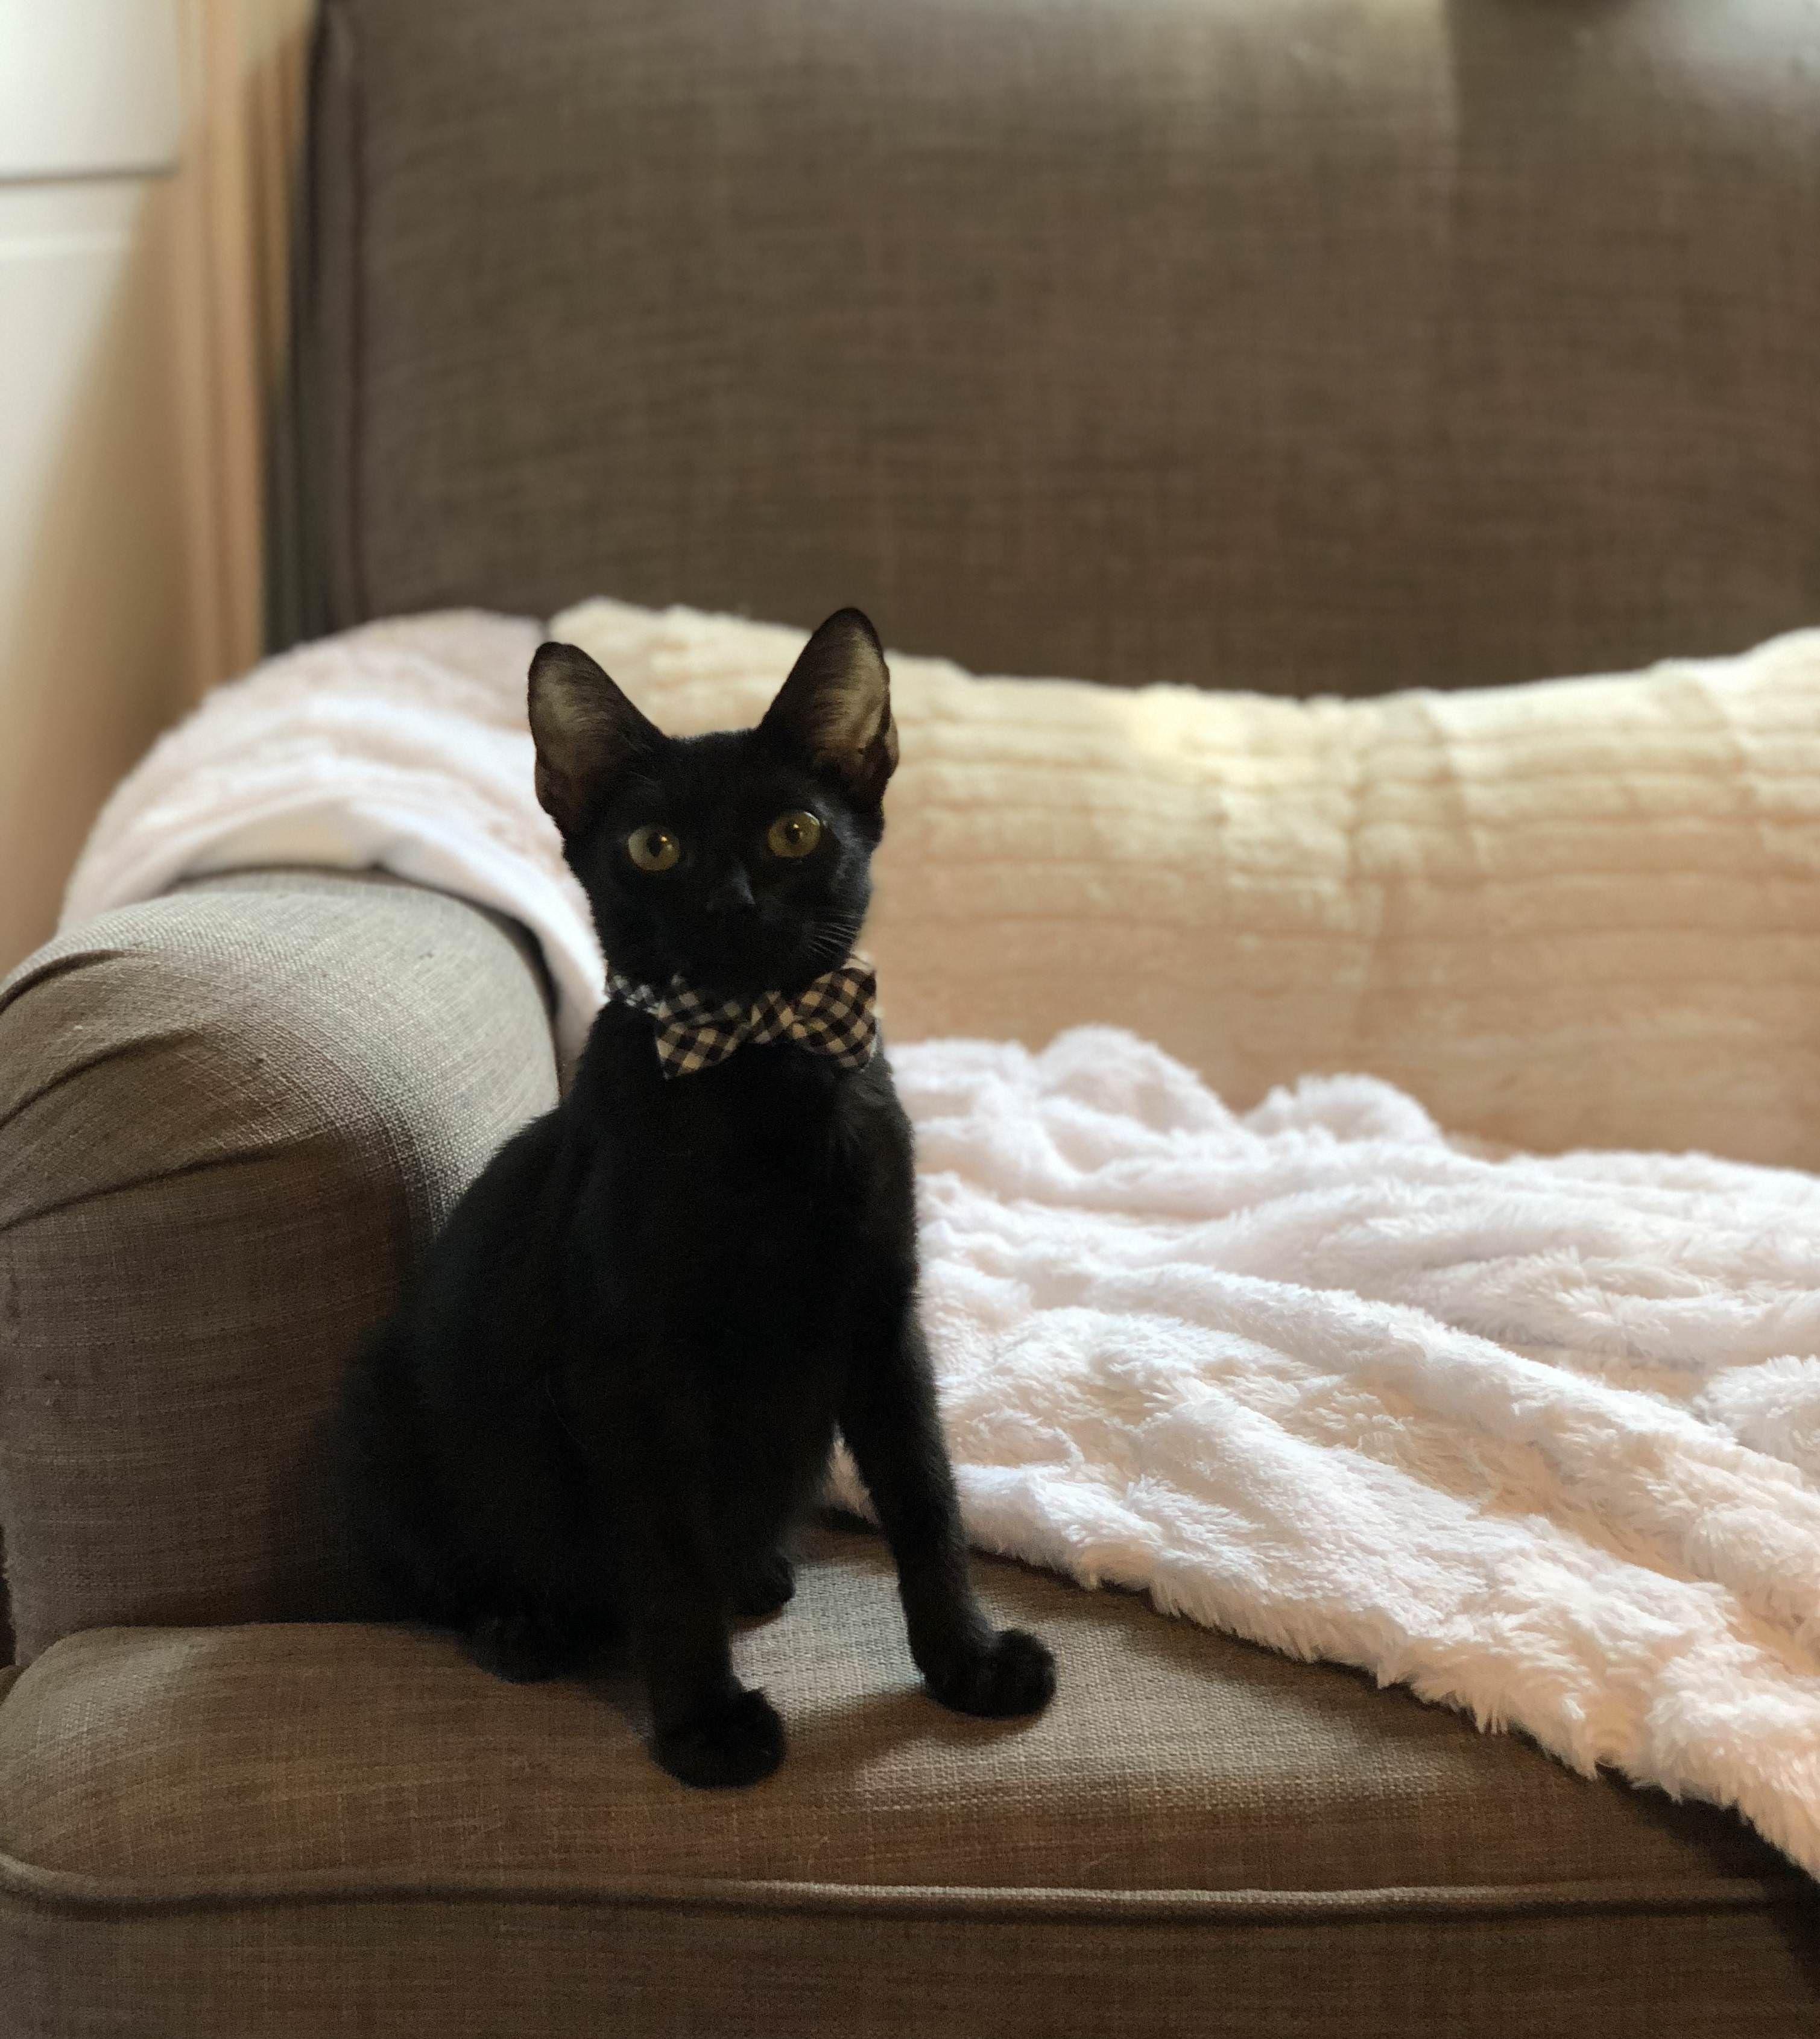 My Foster Kitten Boo Hes A Good Boy Foster Kittens Kitten Cats